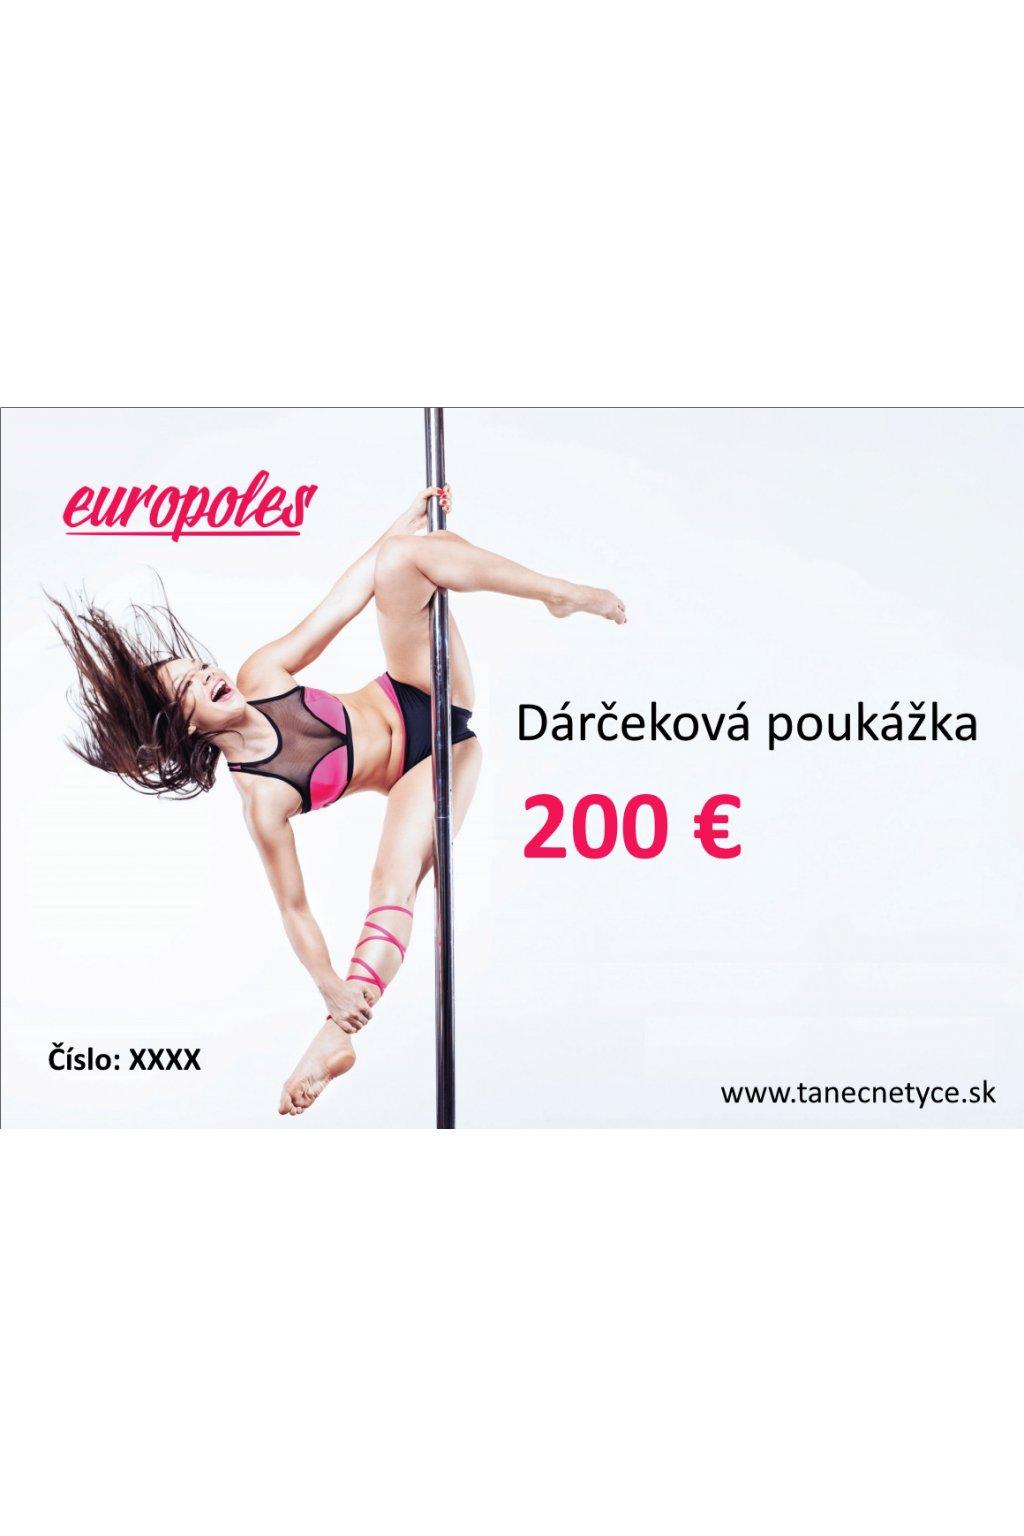 voucher sk 200